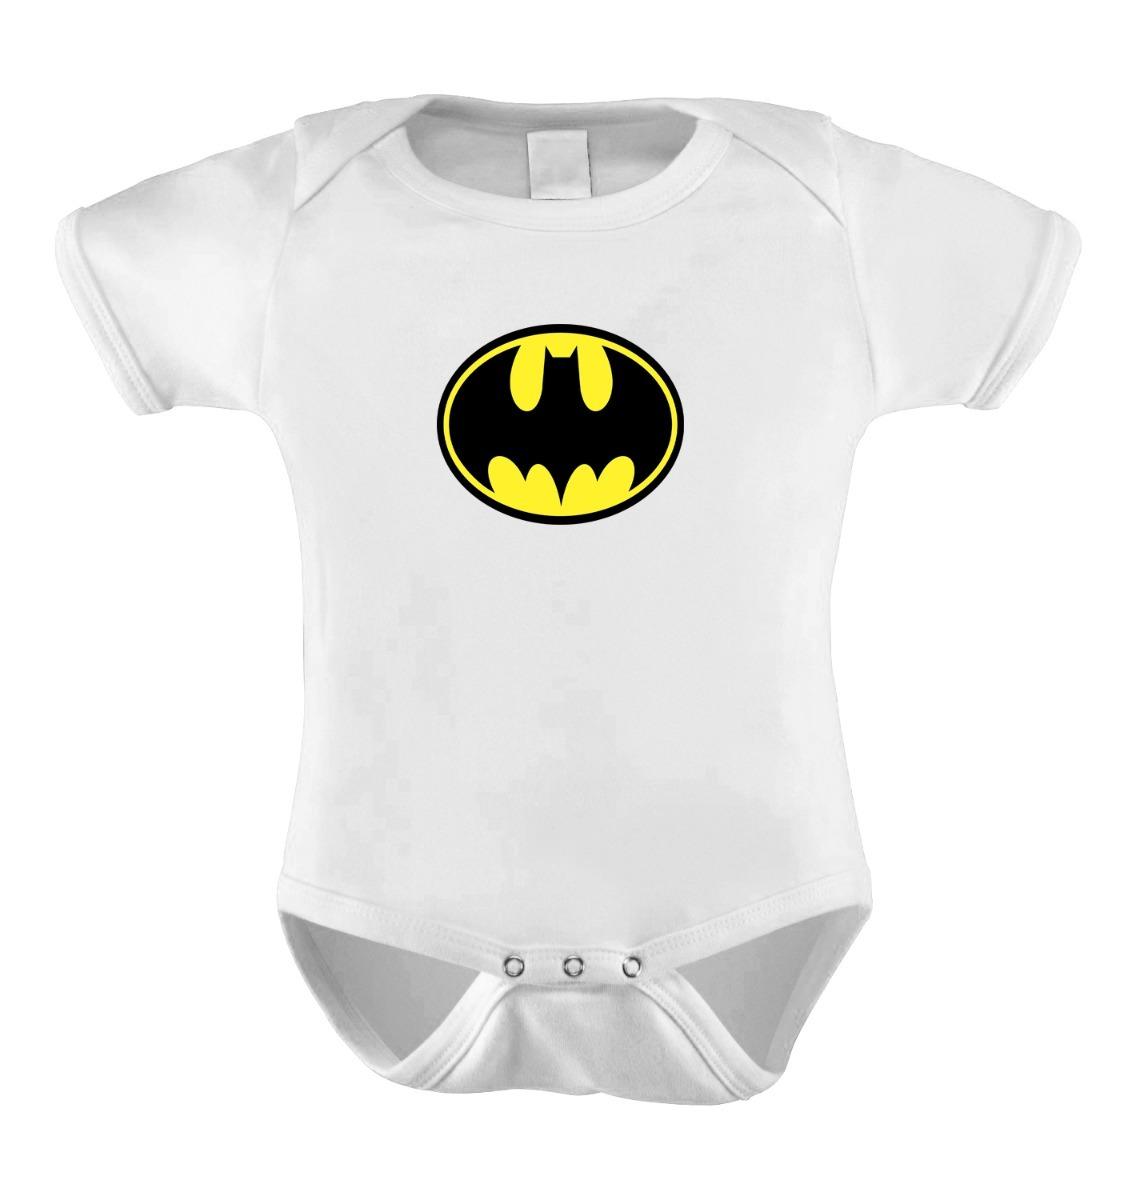 1fa7b7807 Body bori bebê neném personalizado batman geek hero frases jpg 1136x1200 Batman  frases de geek